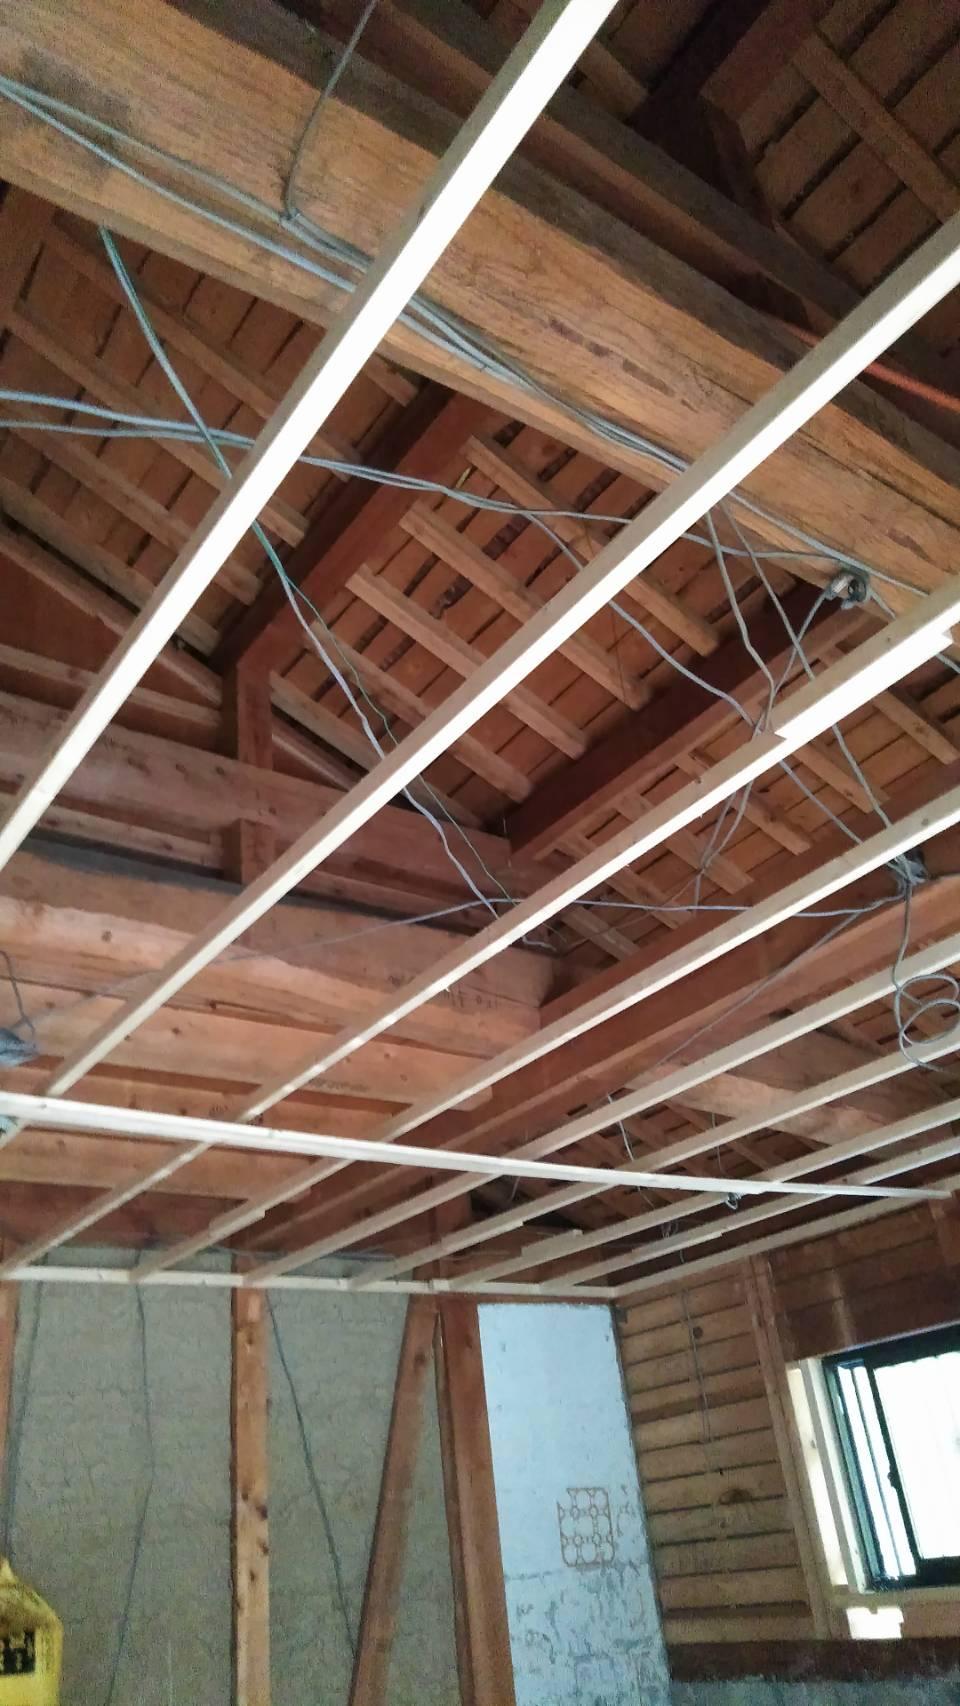 養老町で天井下地、サッシ入れ替え工事を行いました